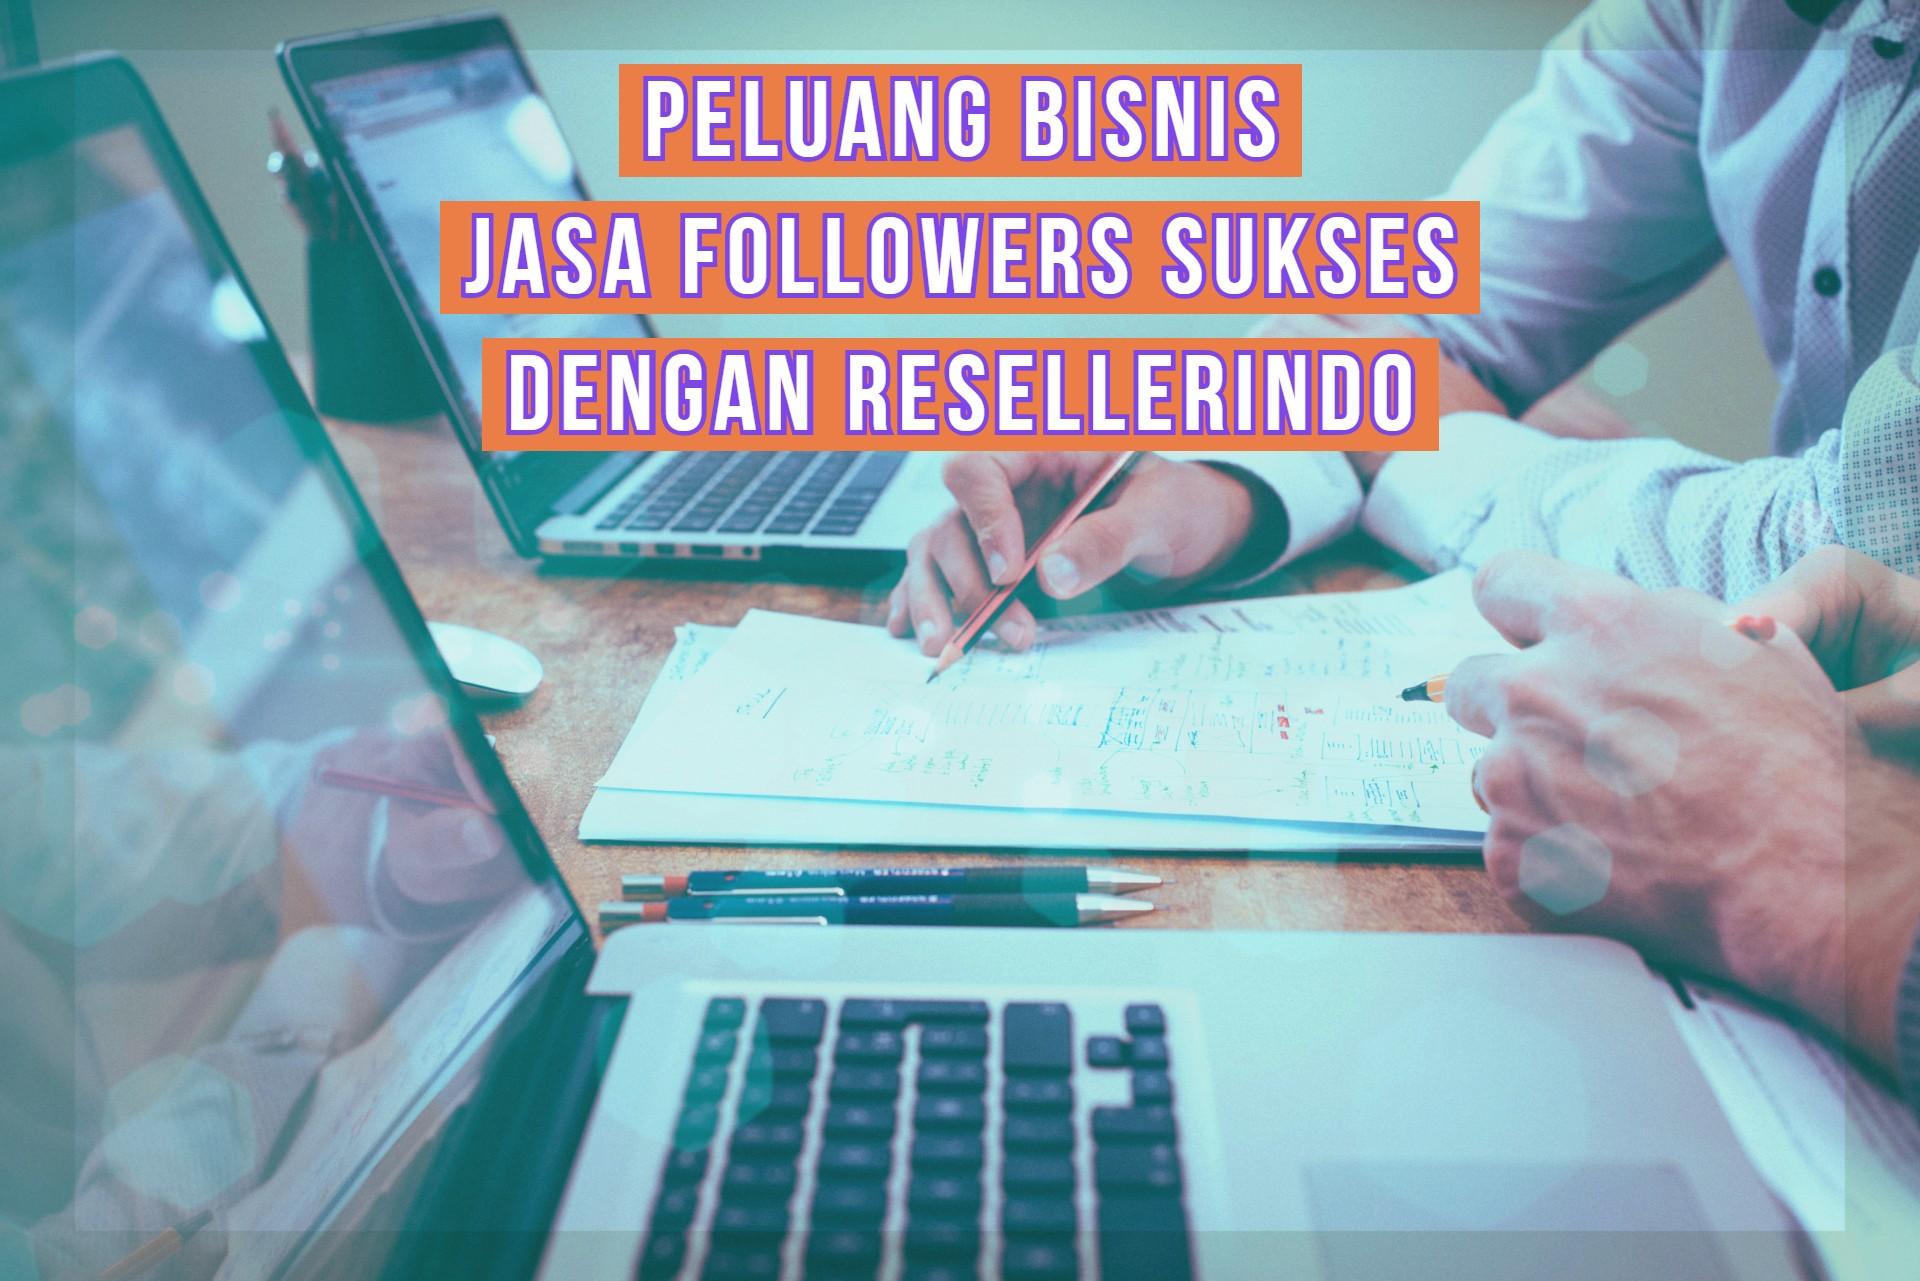 Peluang Bisnis Jasa Followers Sukses dengan Resellerindo